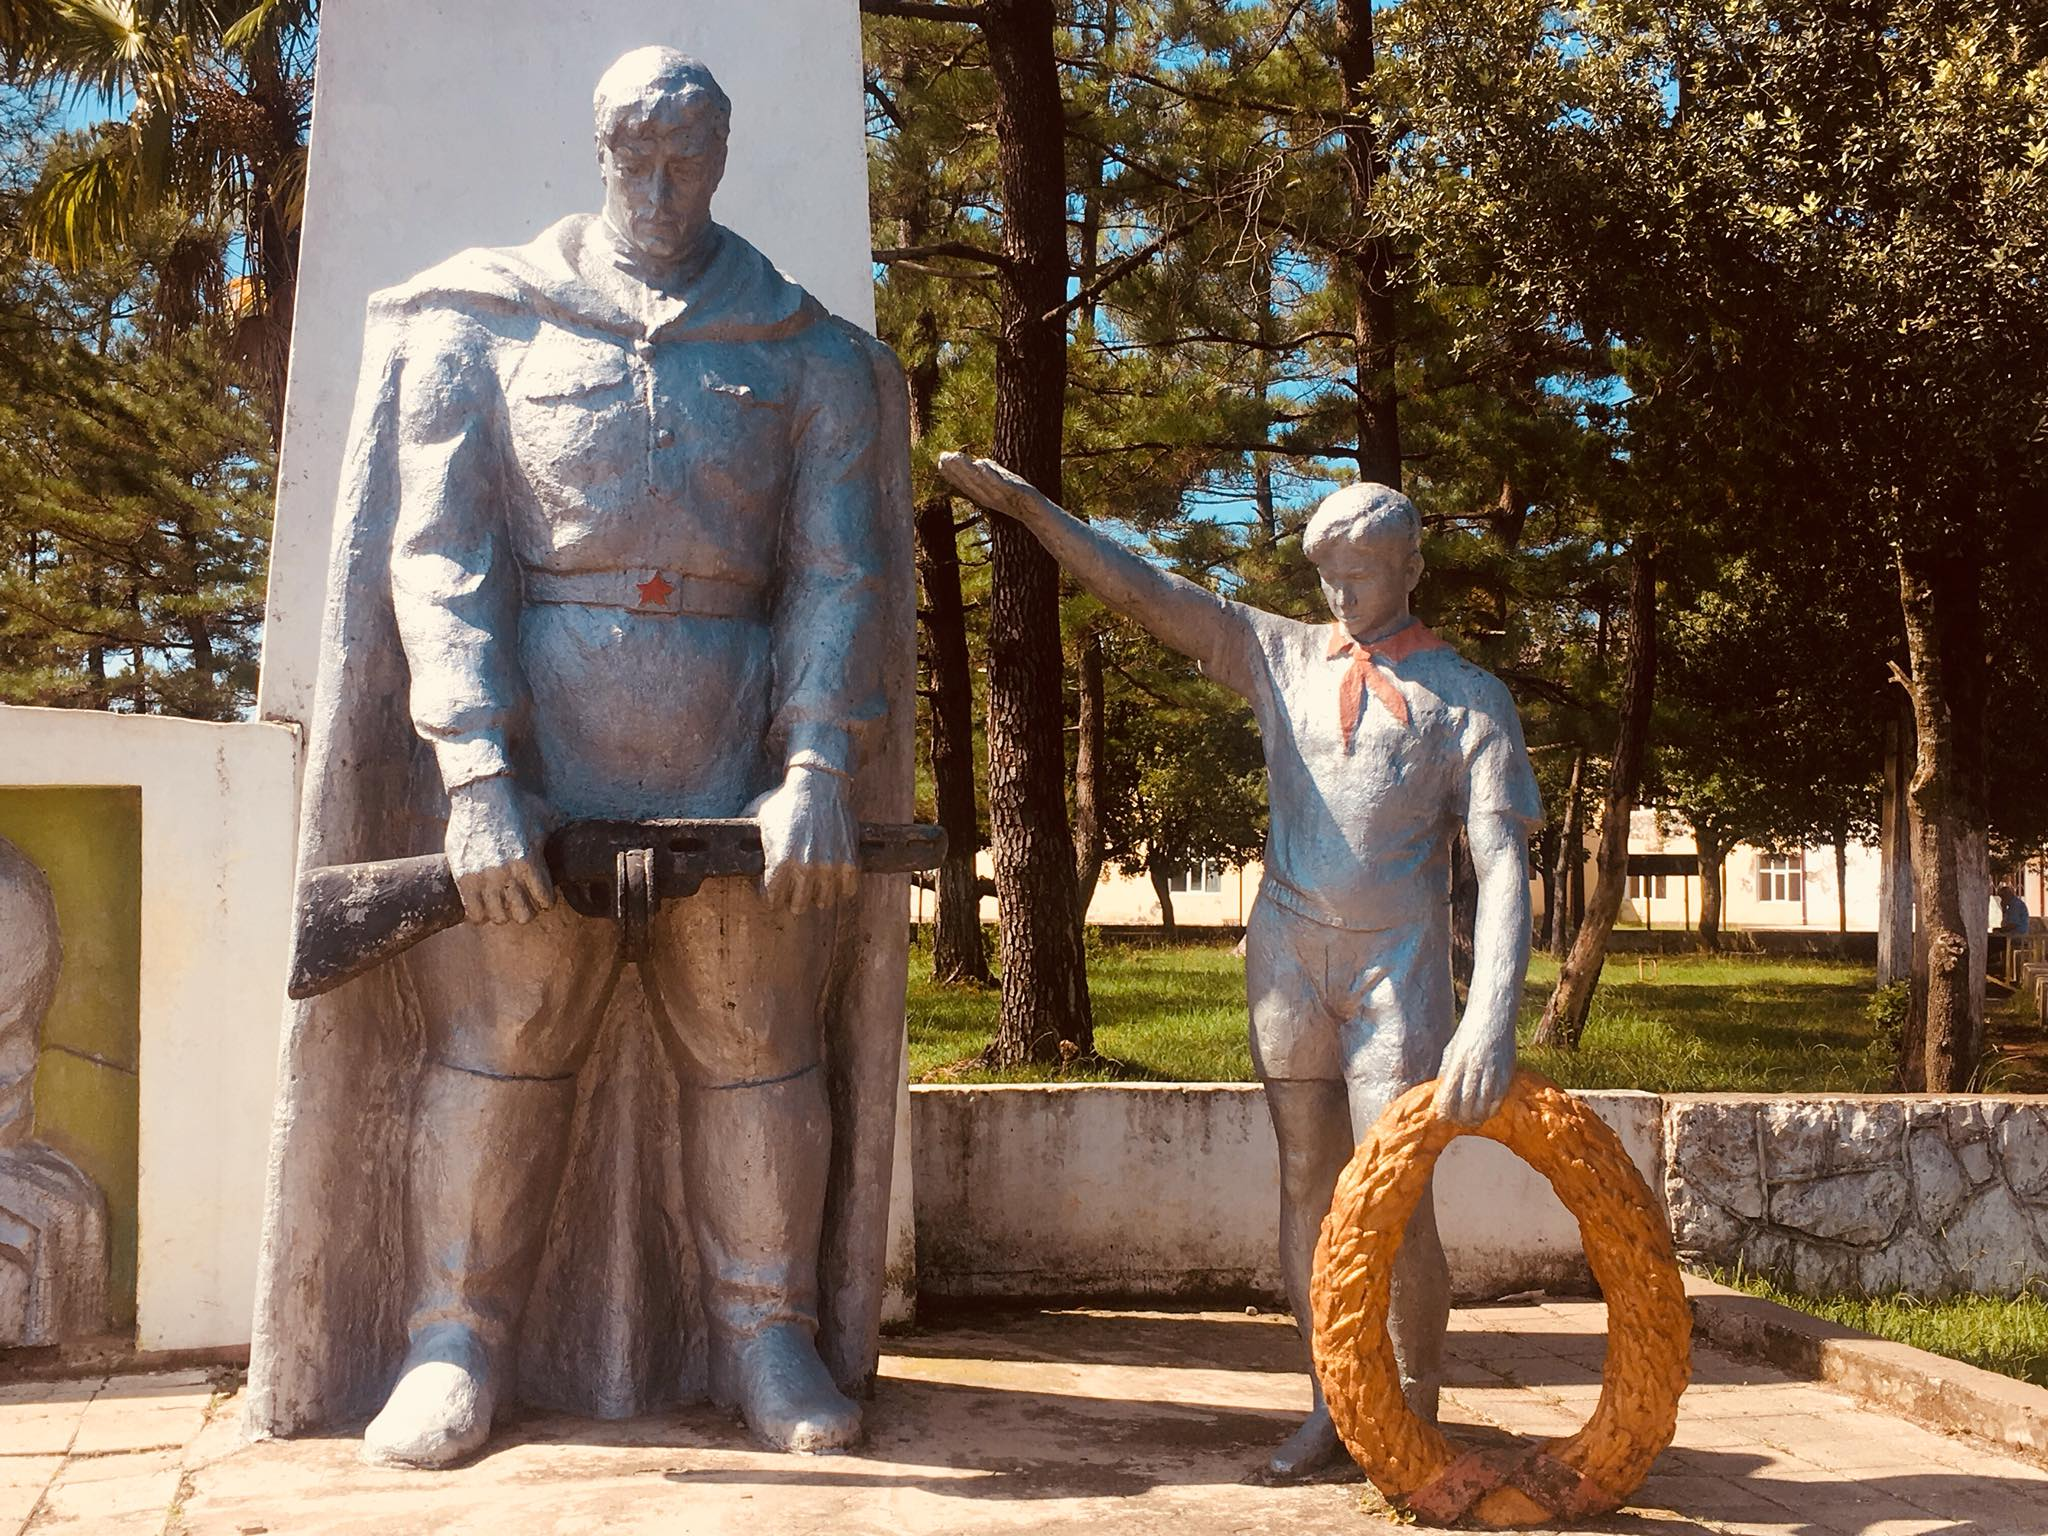 ხუთქიმიანი ვარსკვლავი, პიონერის მემორიალი, წითელარმიელის ძეგლი - საბჭოთა მემკვიდრეობა ოჩხამურში